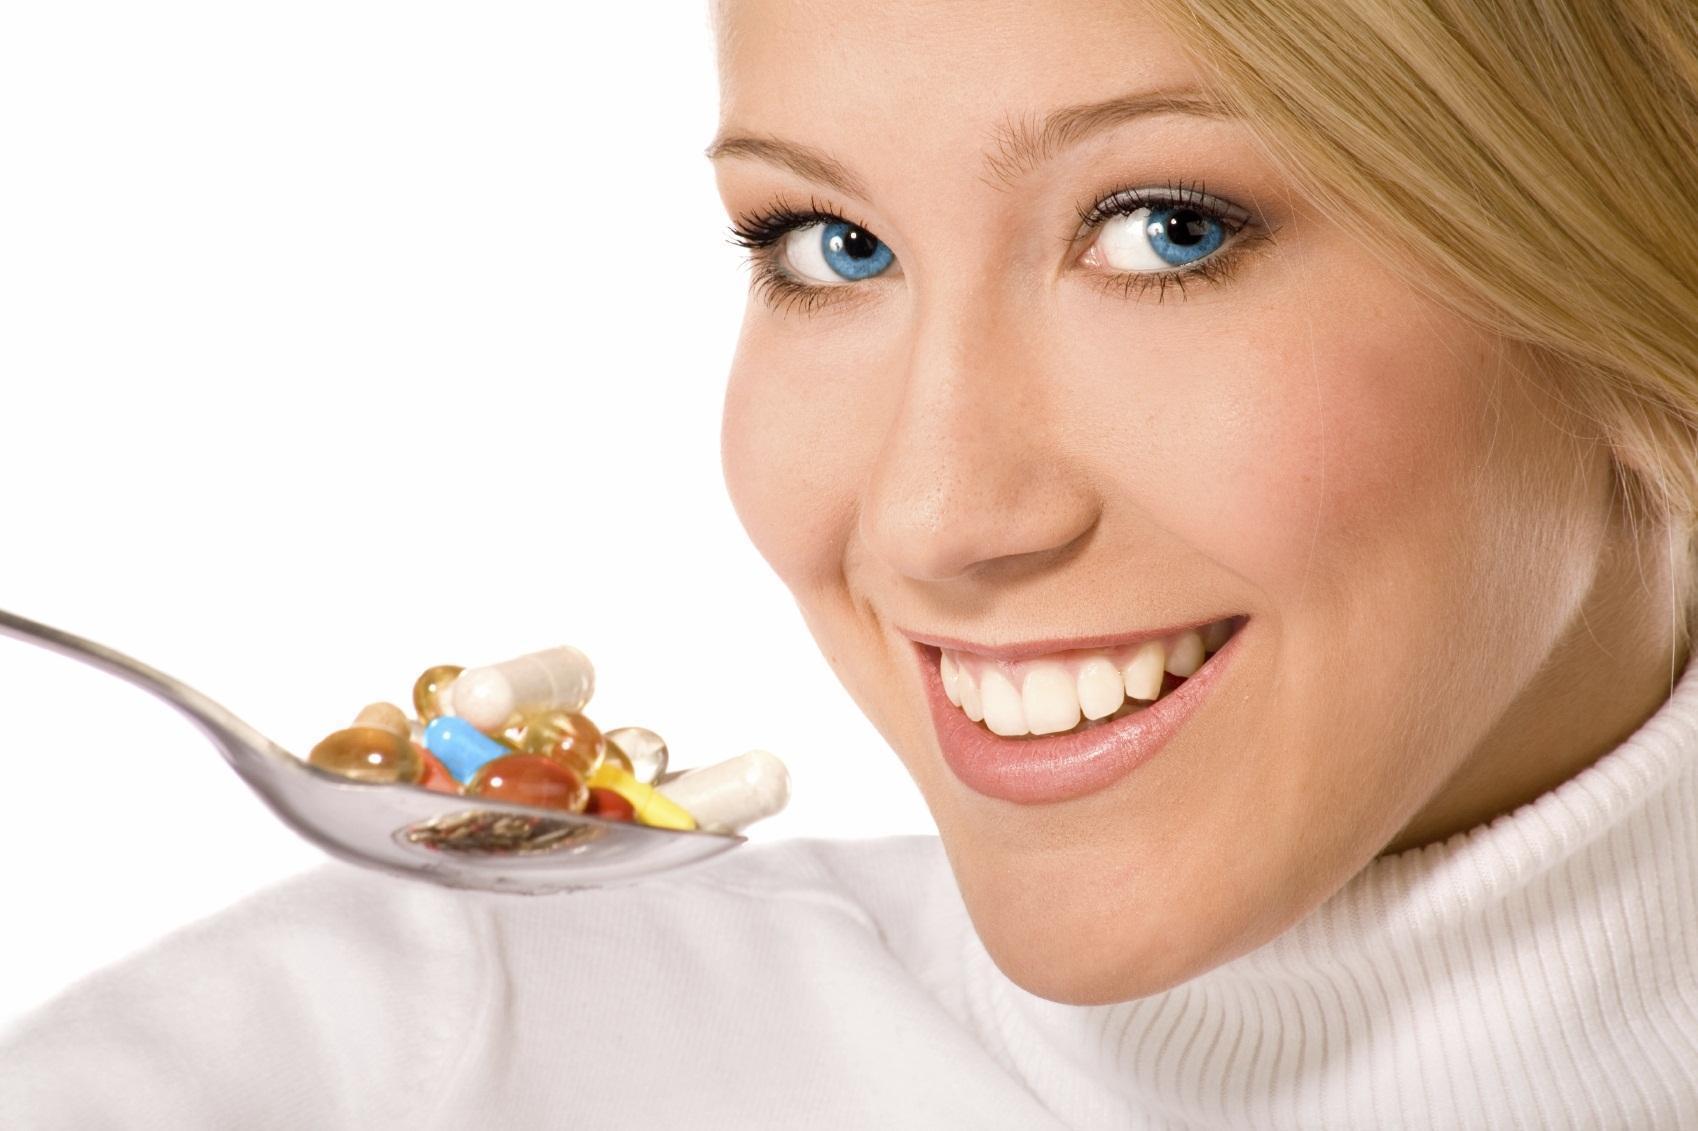 Colágeno Hidrolisado – Benefícios do Colágeno Hidrolisado